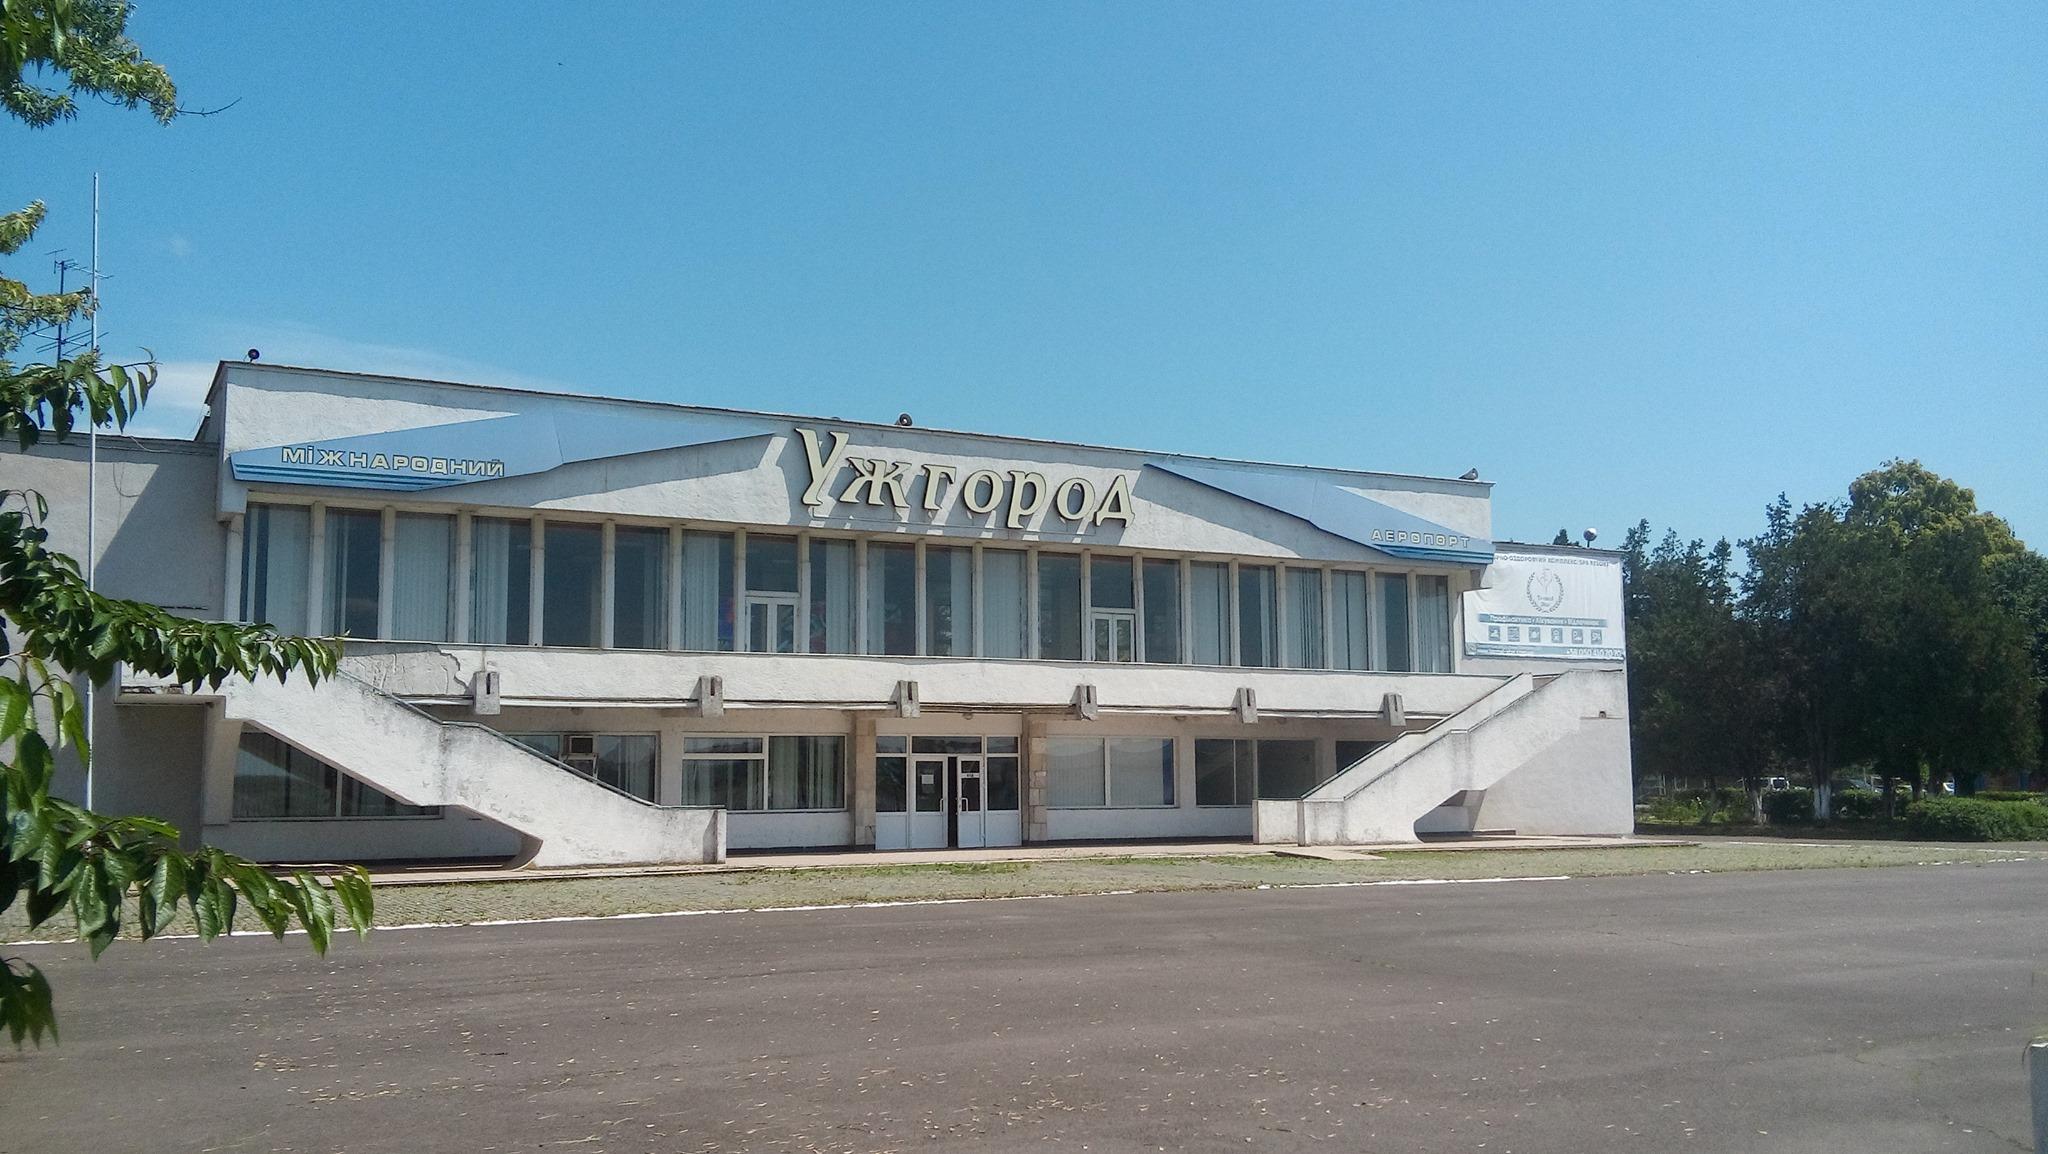 Аэропорт Ужгород заработает полноценно в сентябре - новости Украины,  Транспорт - LIGA.net